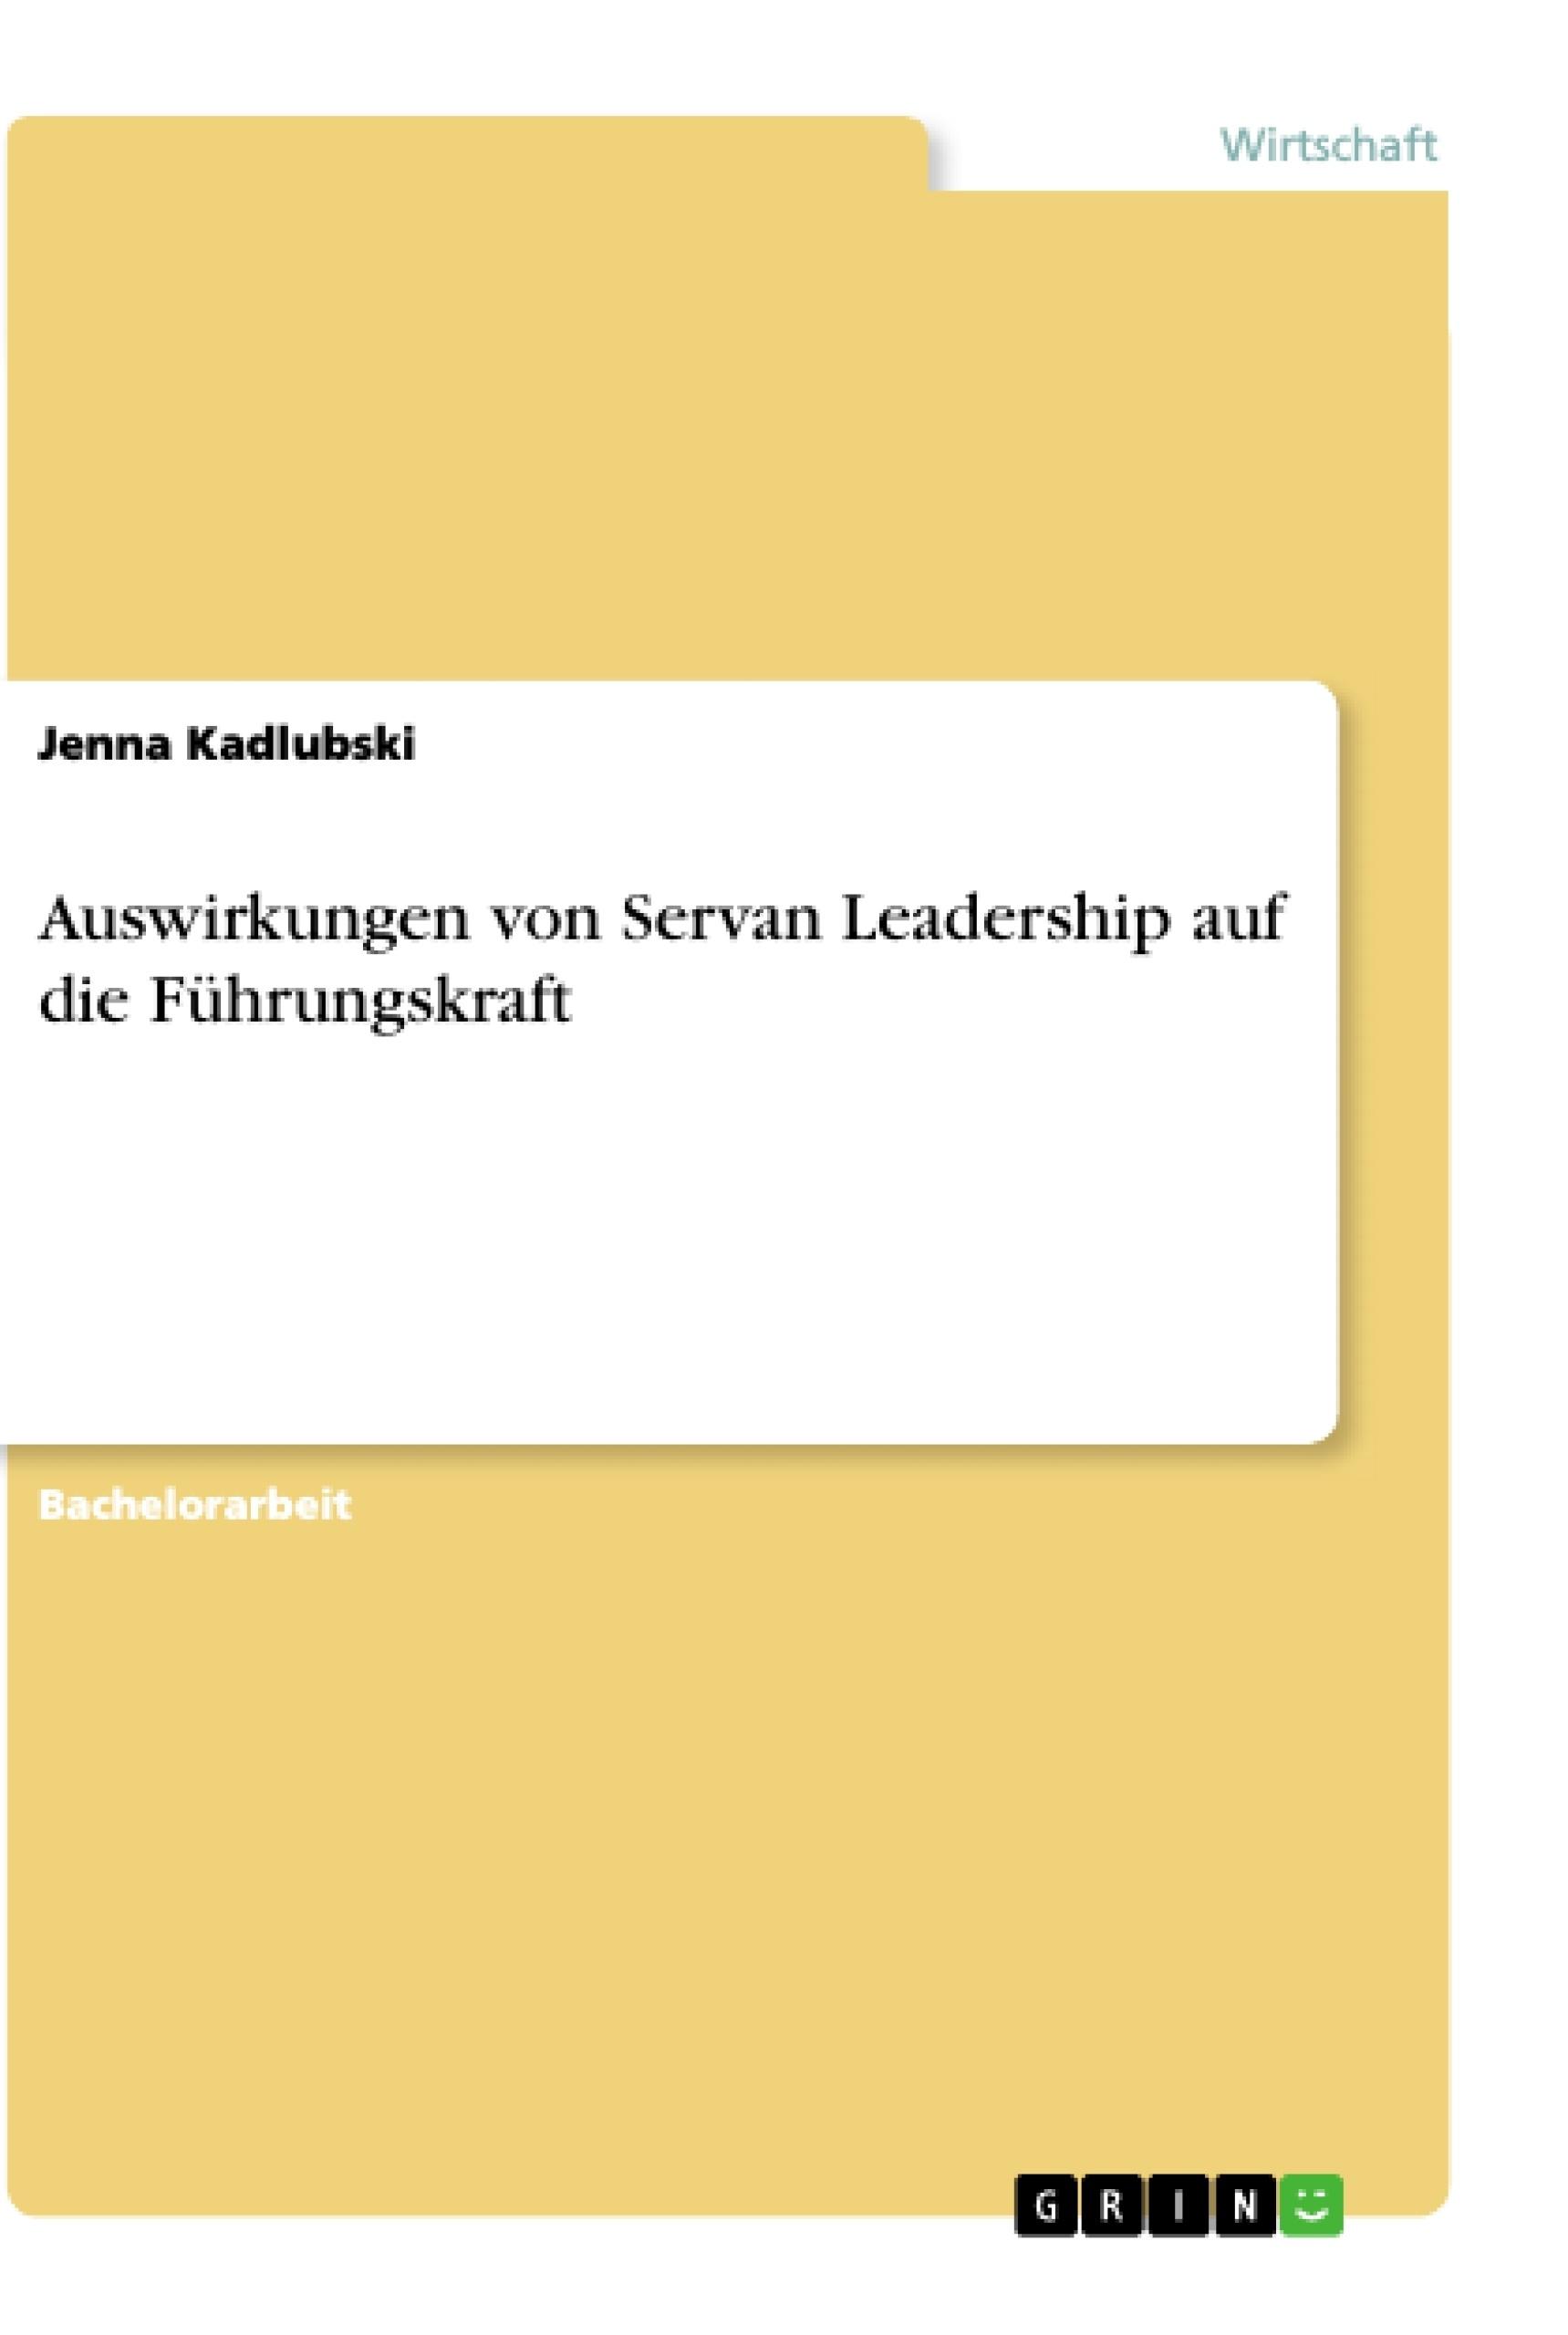 Titel: Auswirkungen von Servan Leadership auf die Führungskraft